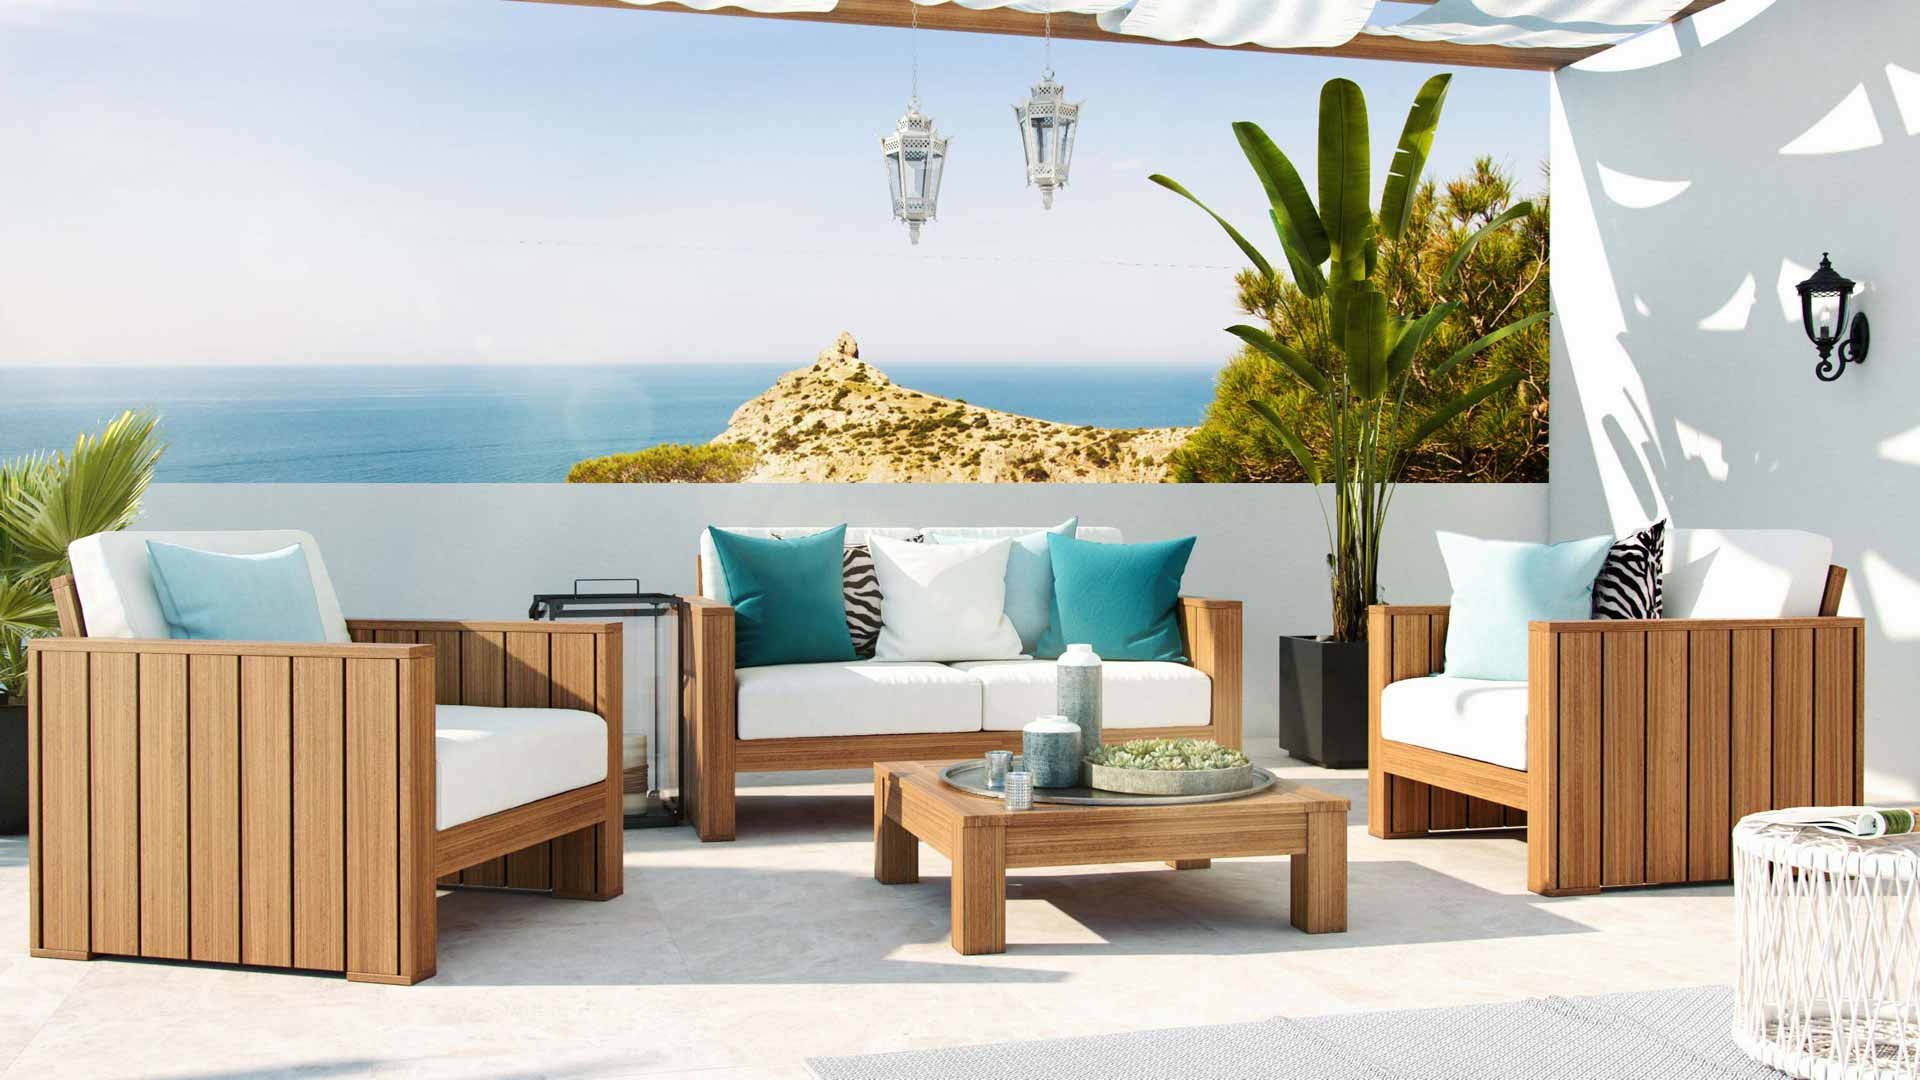 Artelia fr salon de jardin en eucalyptus becky for Artelia salon de jardin